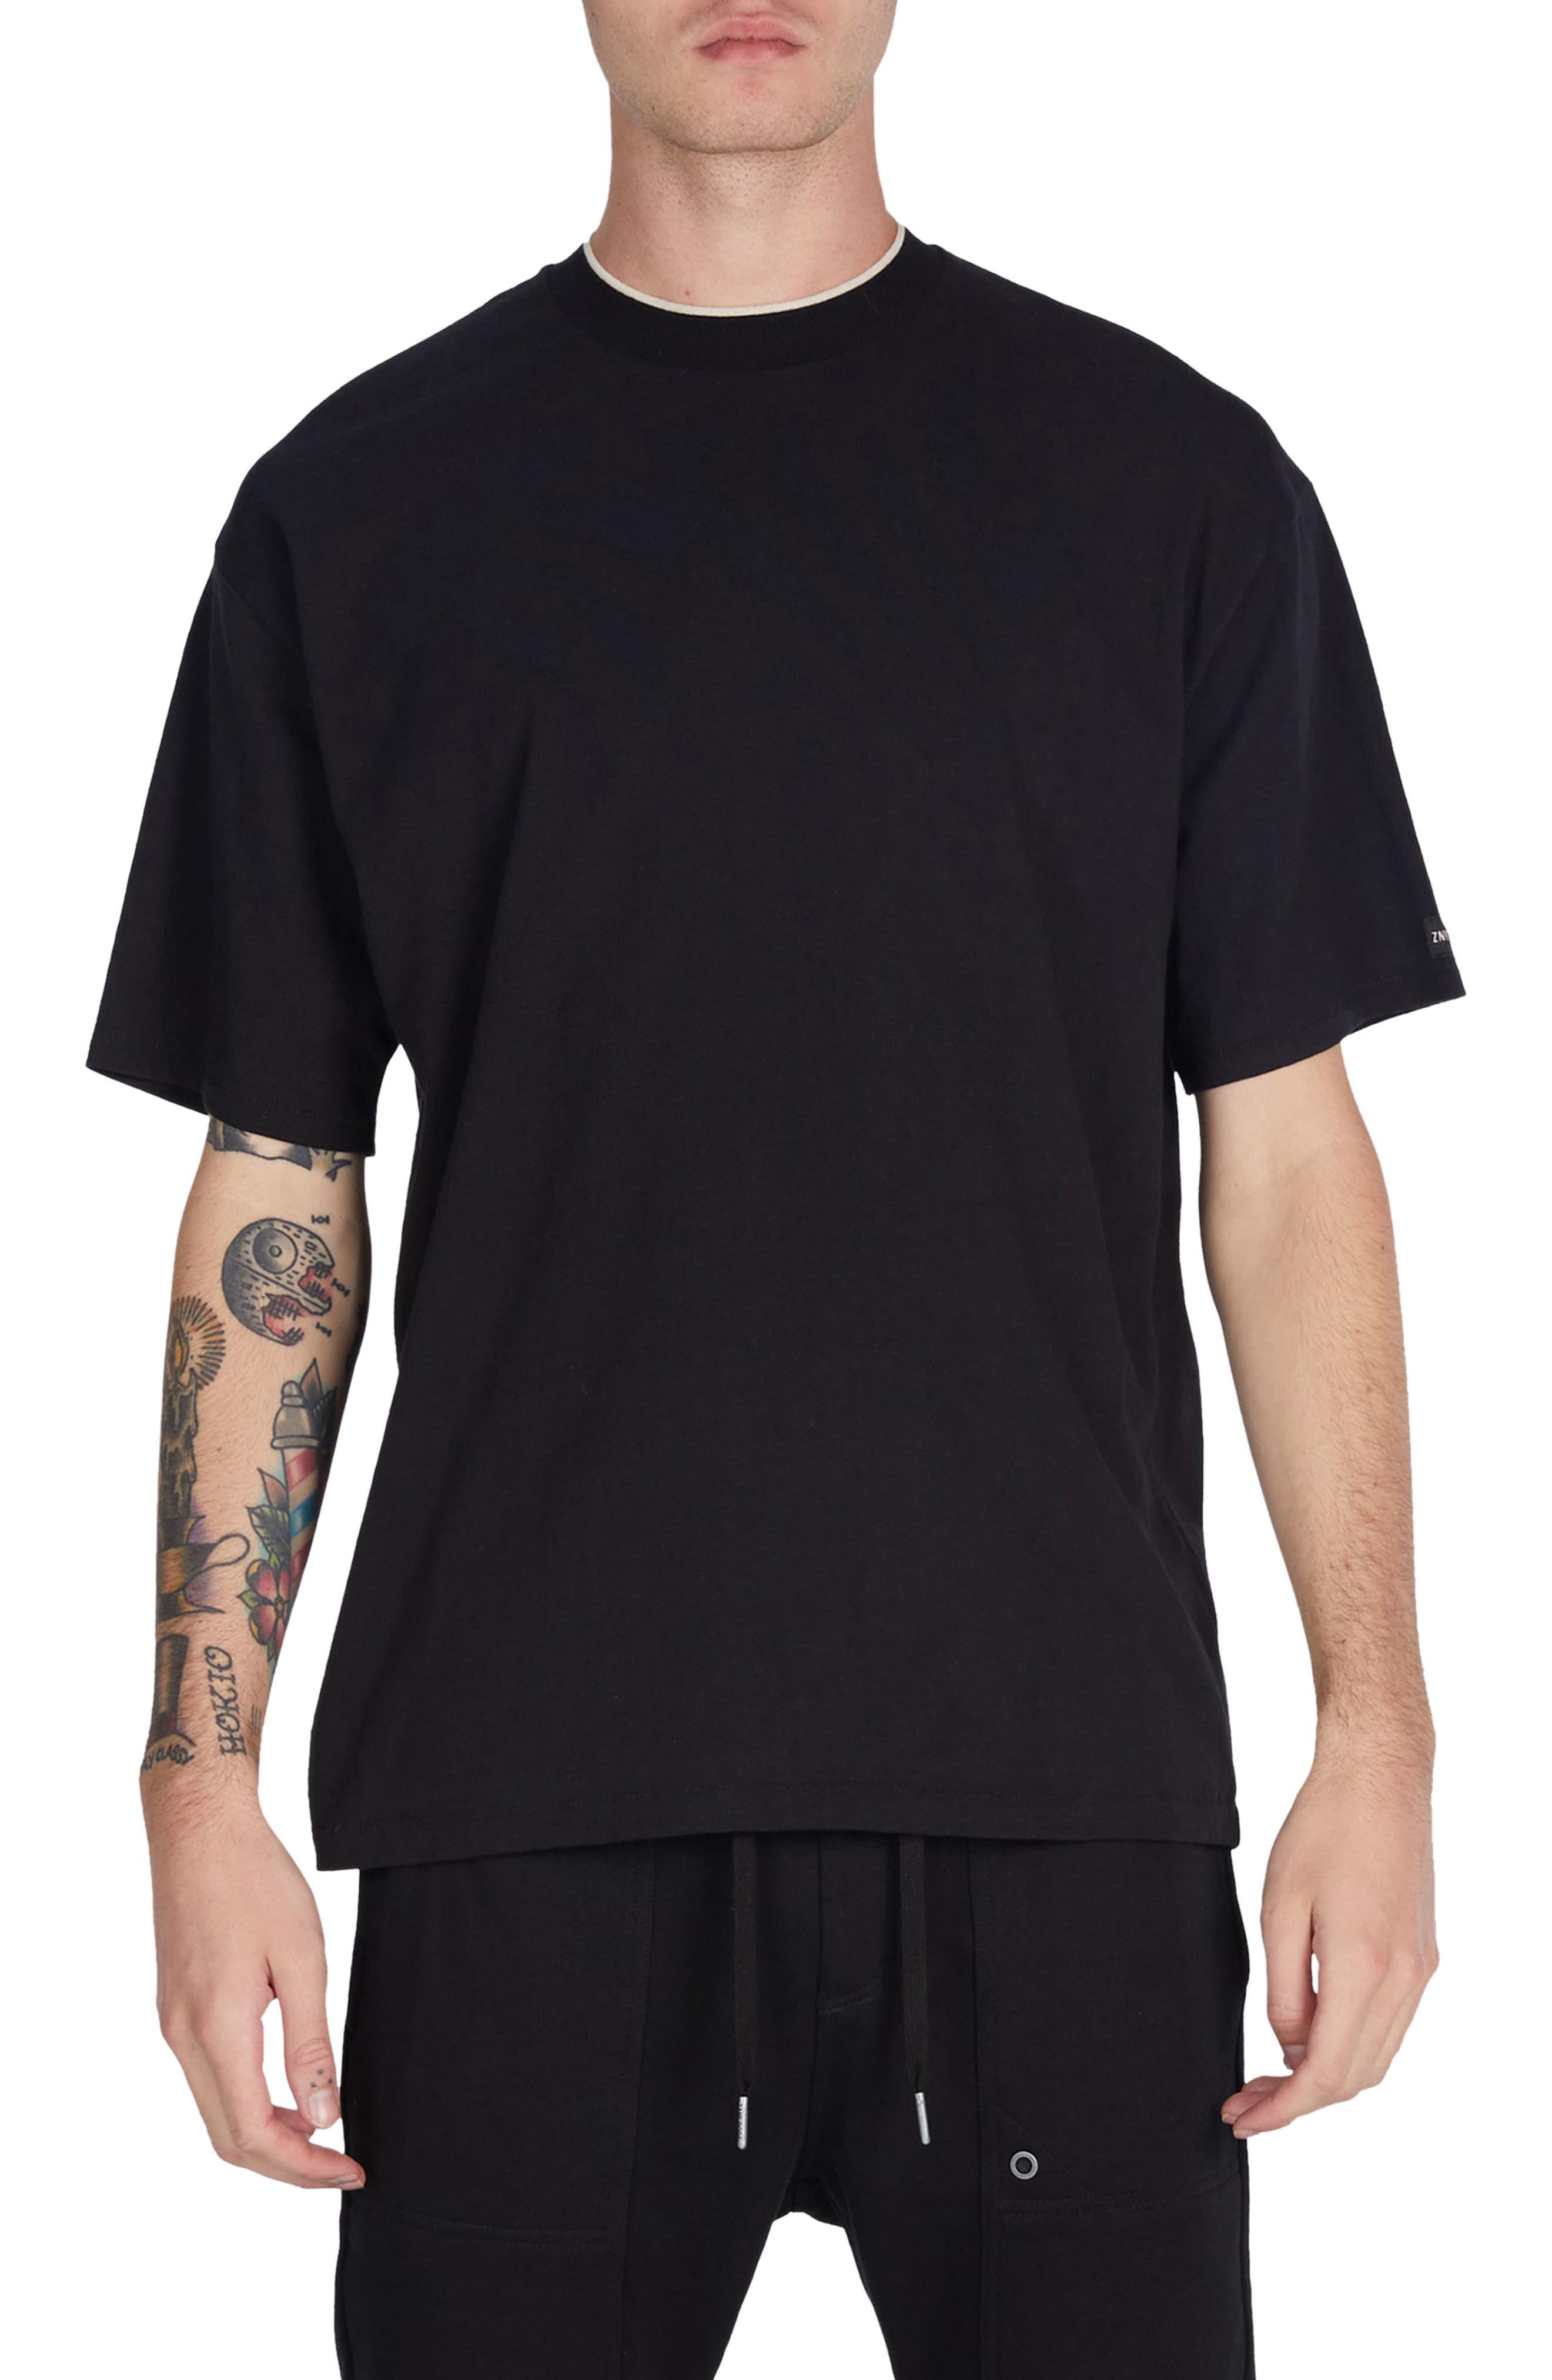 Tip Box T-Shirt,                             Main thumbnail 1, color,                             001